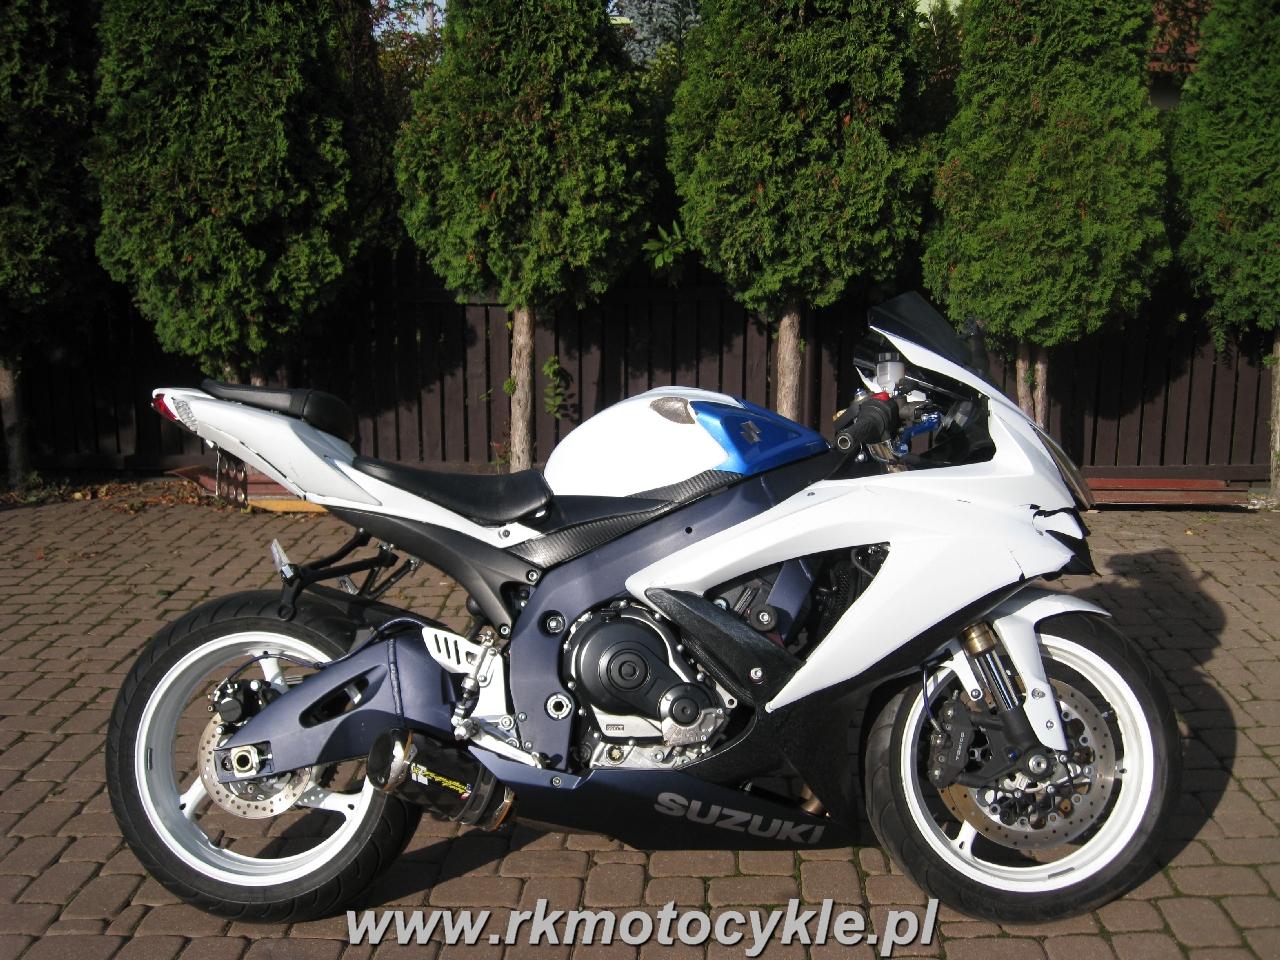 Rk Motocykle Suzuki Gsxr 600 L0 Gsx R 600